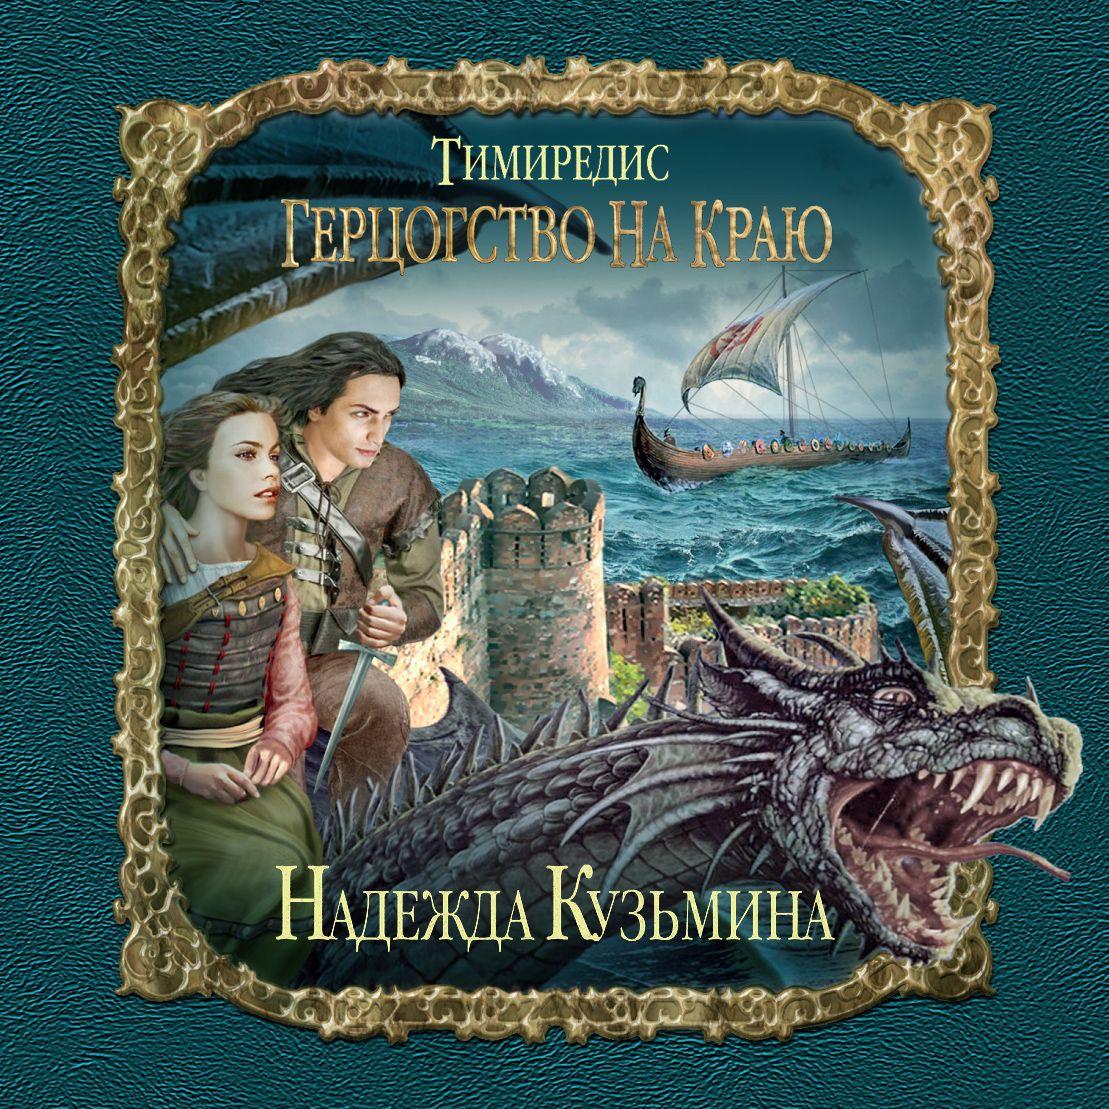 Купить книгу Герцогство на краю, автора Надежды Кузьминой